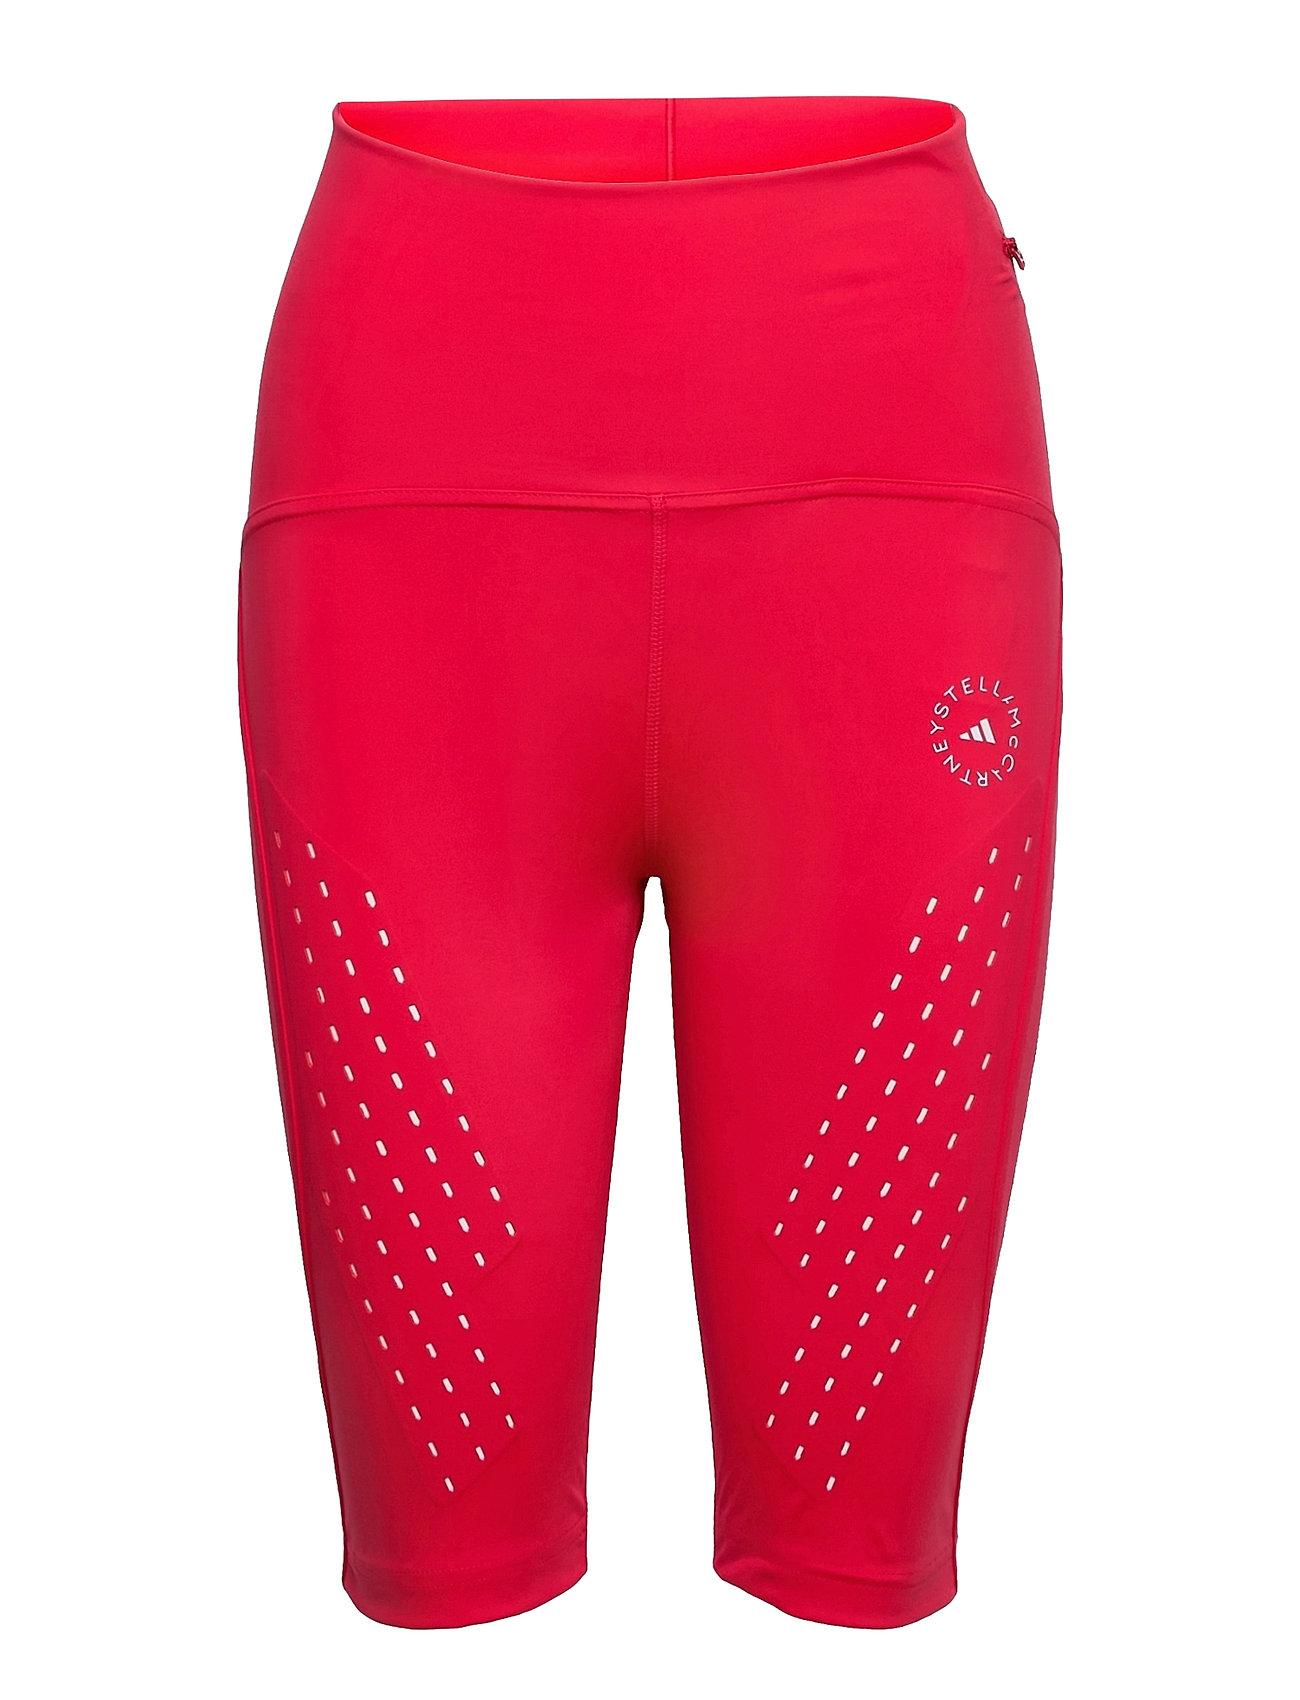 Truepurpose High Waist Bike Shorts W Shorts Cycling Shorts Lyserød Adidas By Stella McCartney